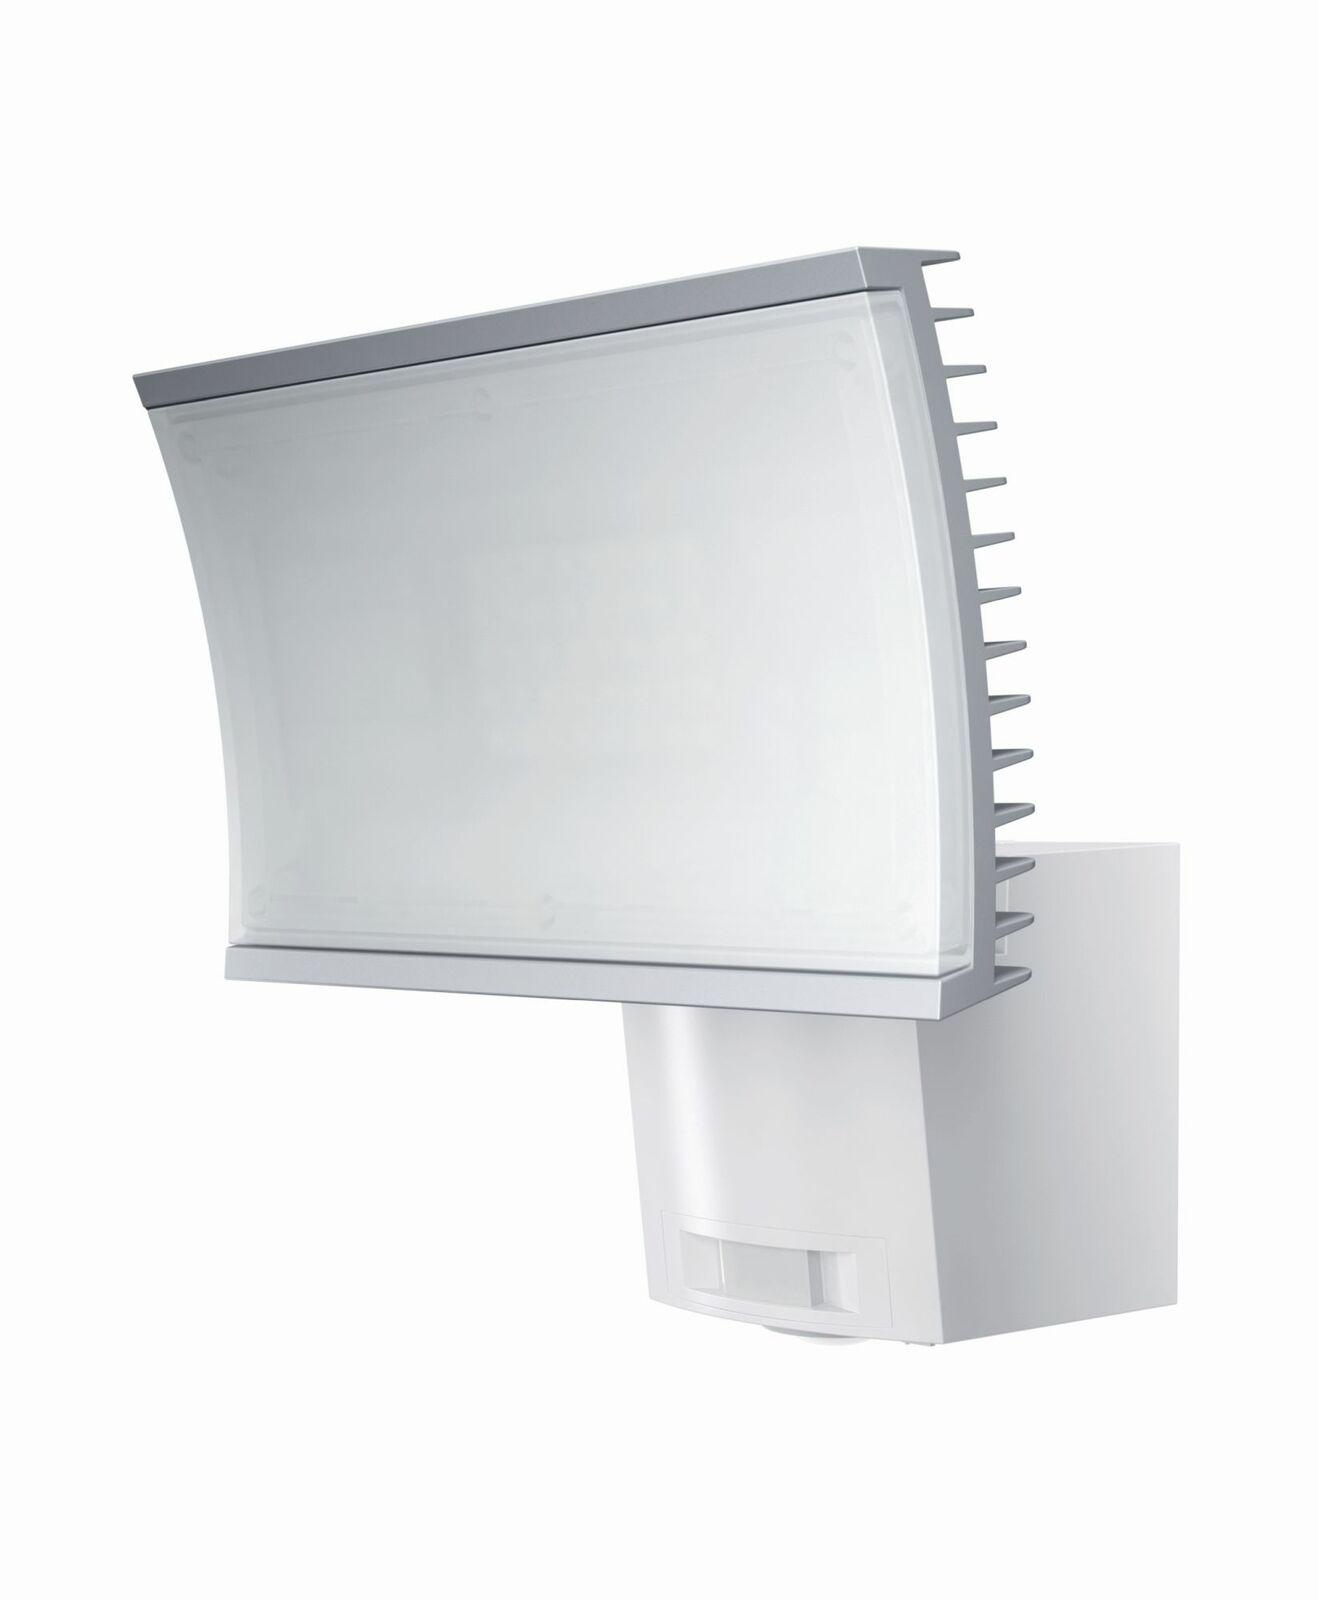 Bild zu LED Außenleuchte Osram Noxlite mit Bewegungsmelder für 33€ (Vergleich: 59,99€)